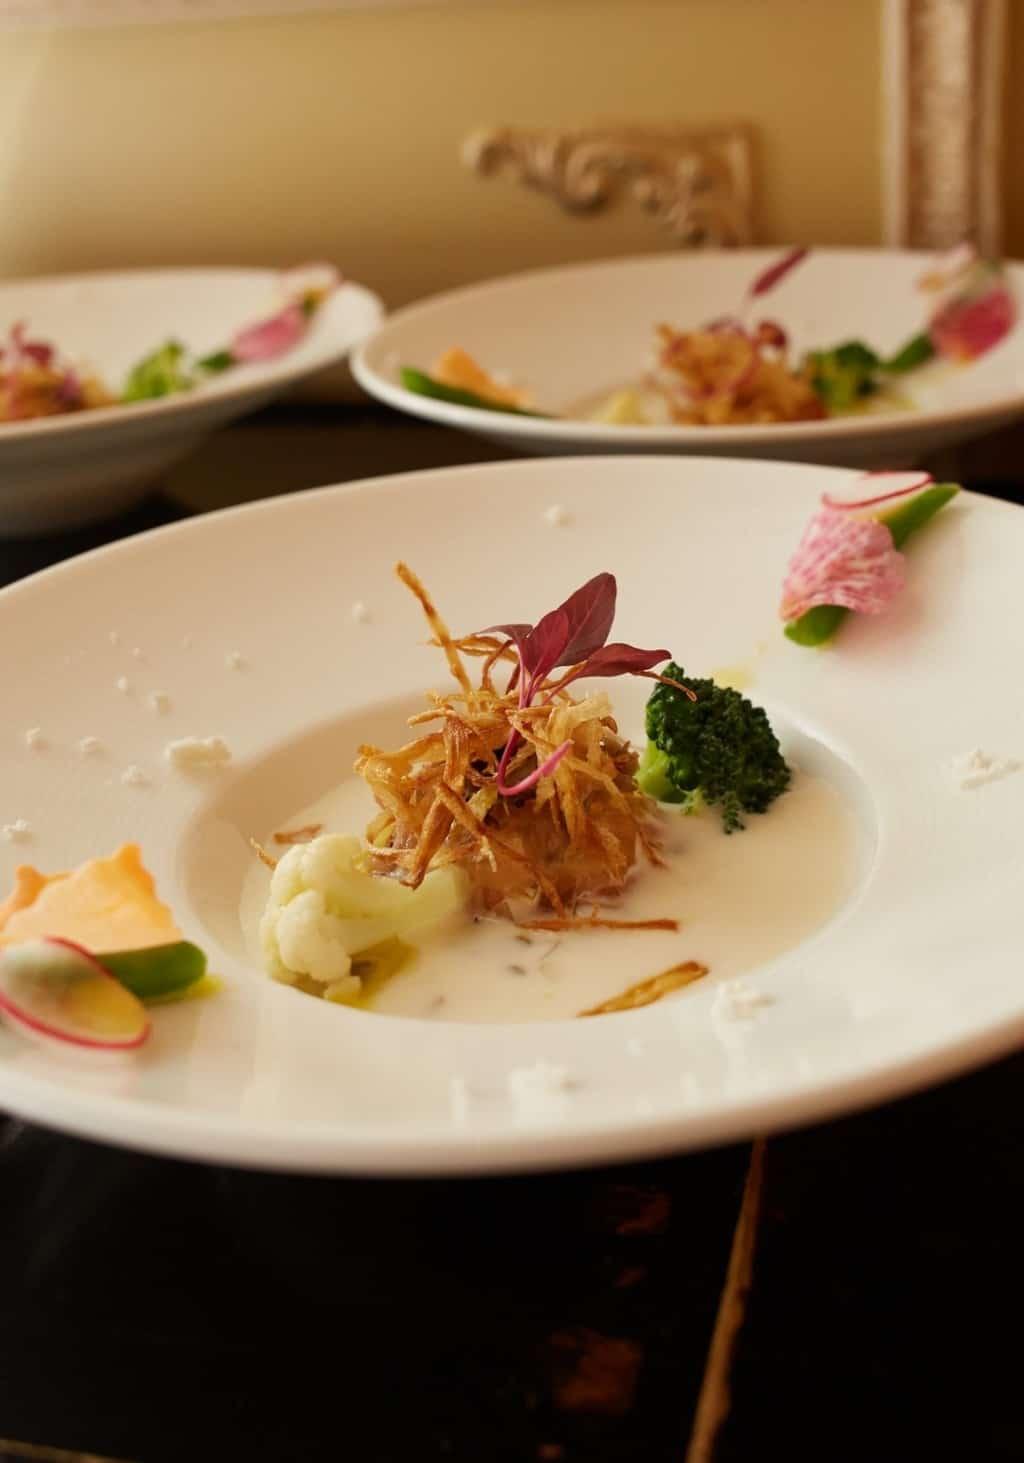 【東京】ゲストと味わう高級料理♡料理の評判が高い会場10選のカバー写真 1.4287109375